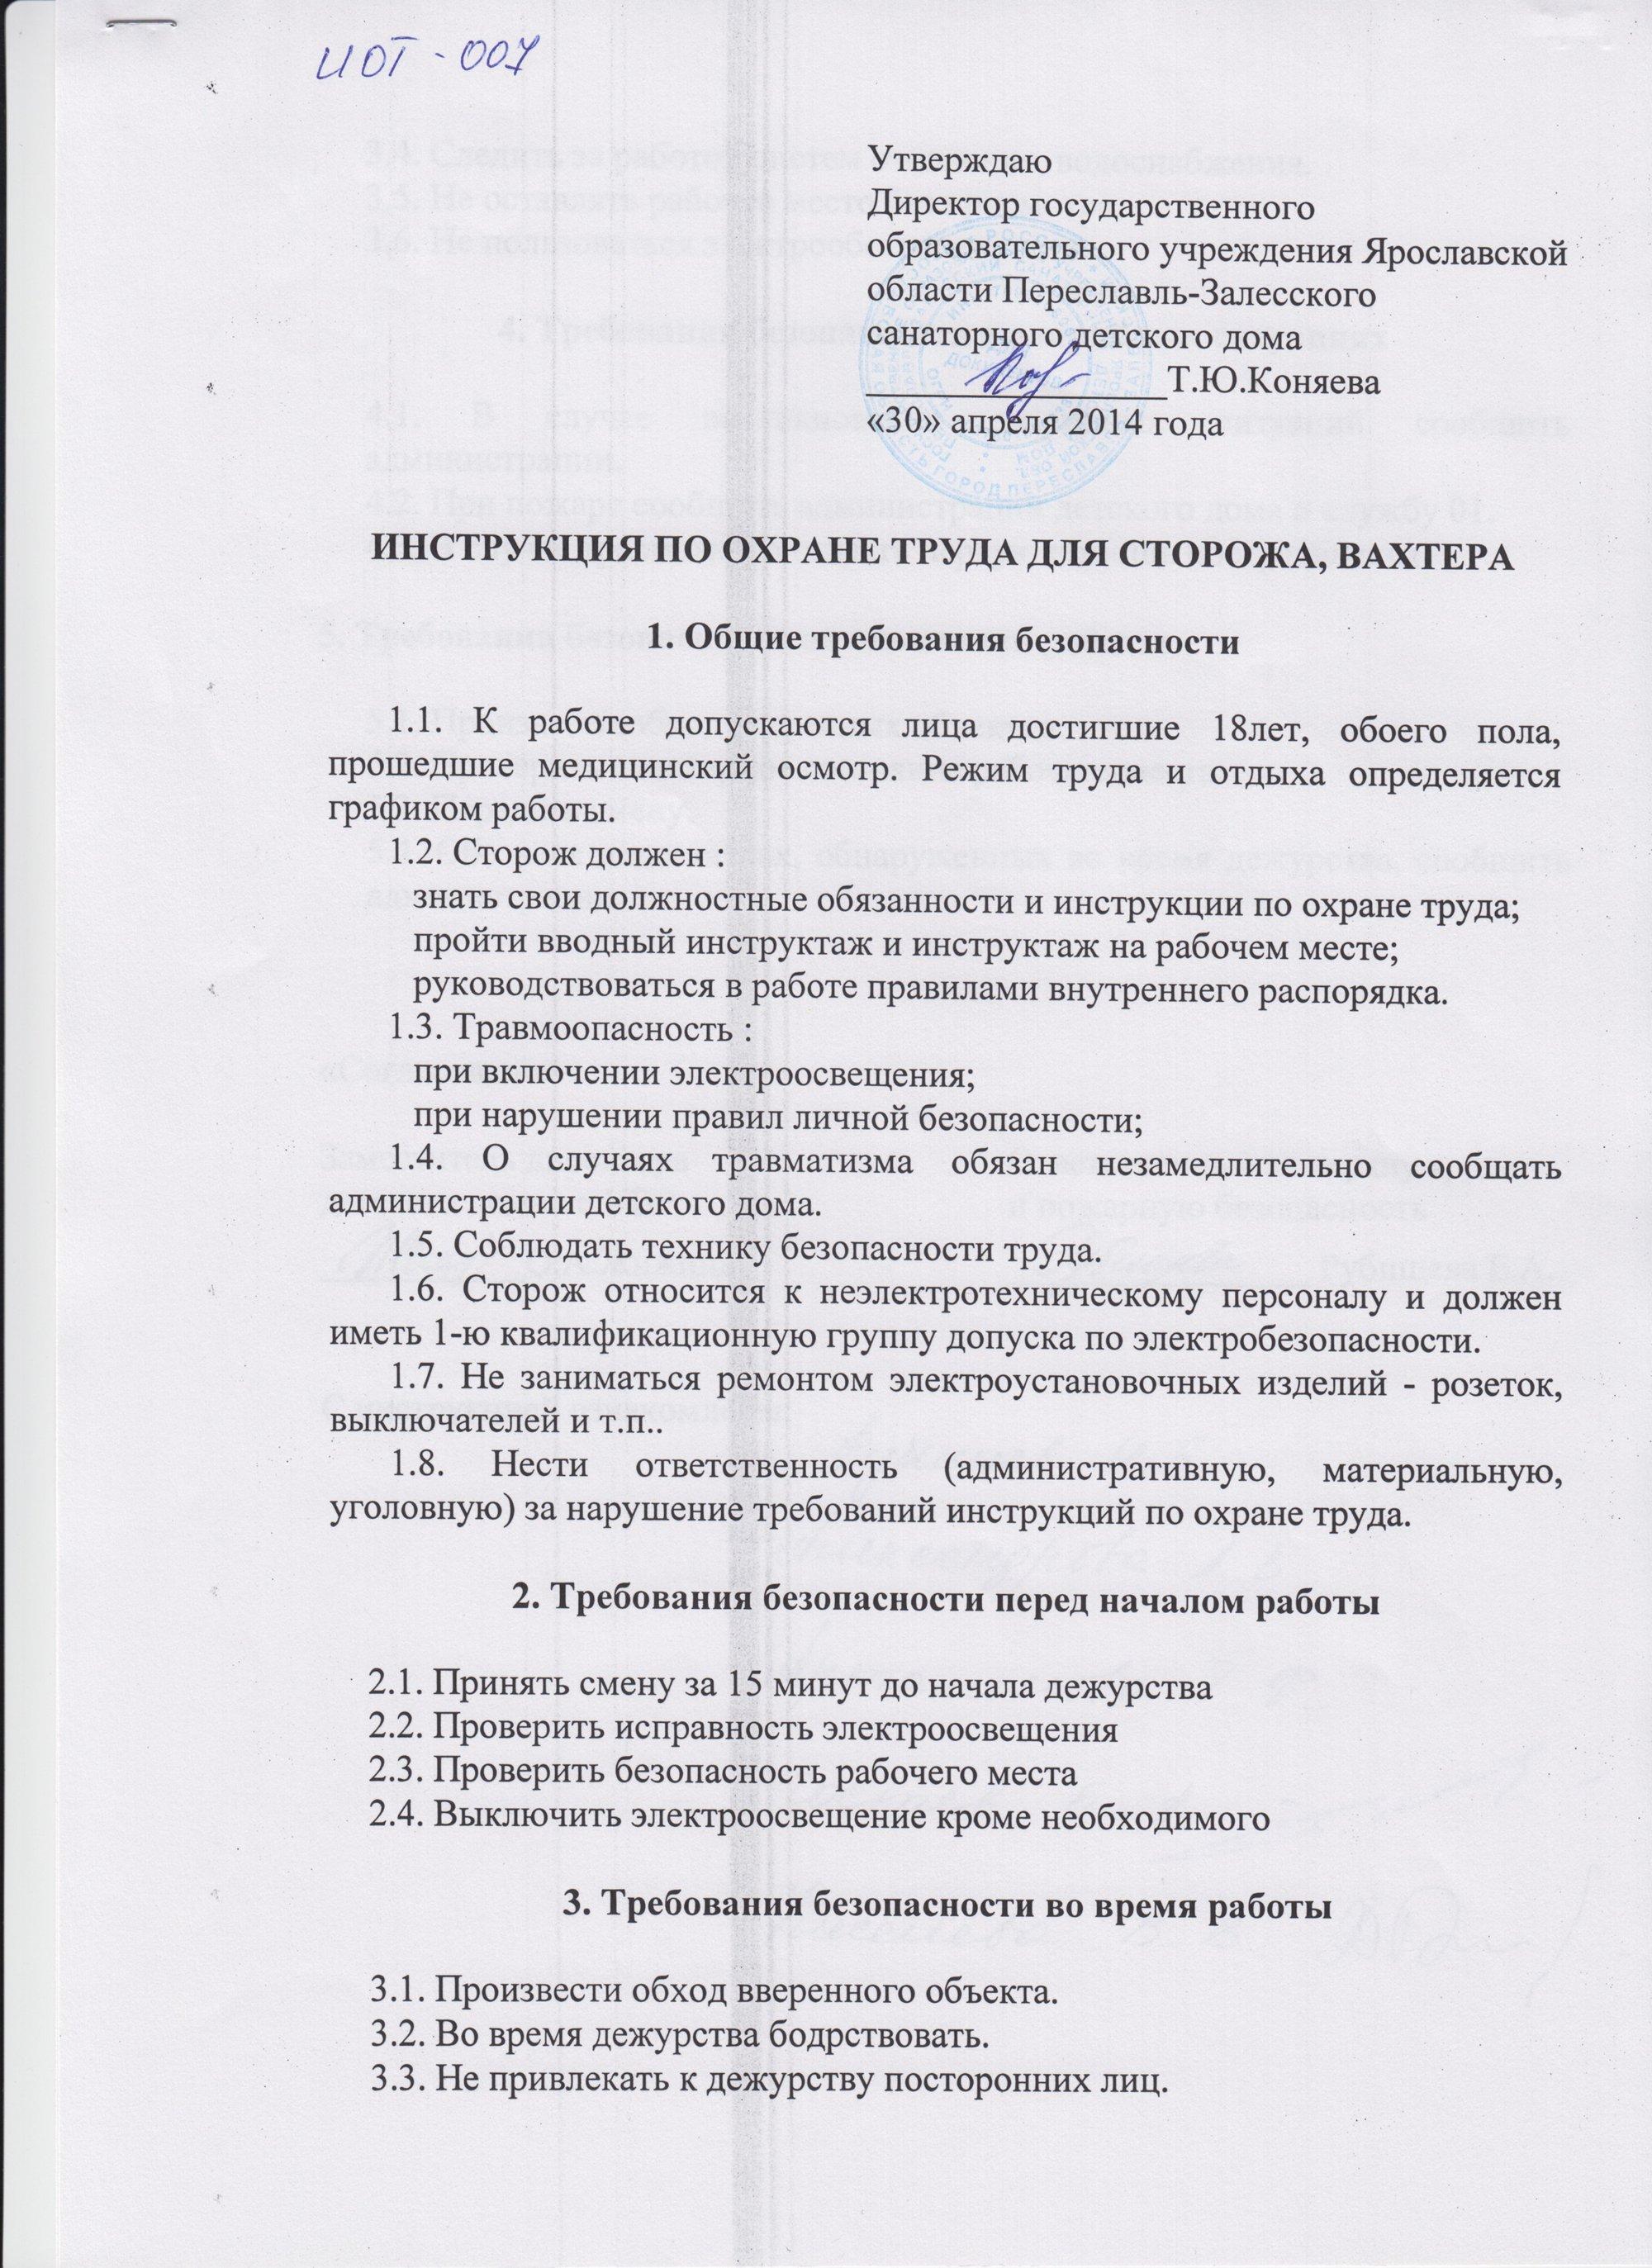 Инструкция по охране труда для вахтера общежития